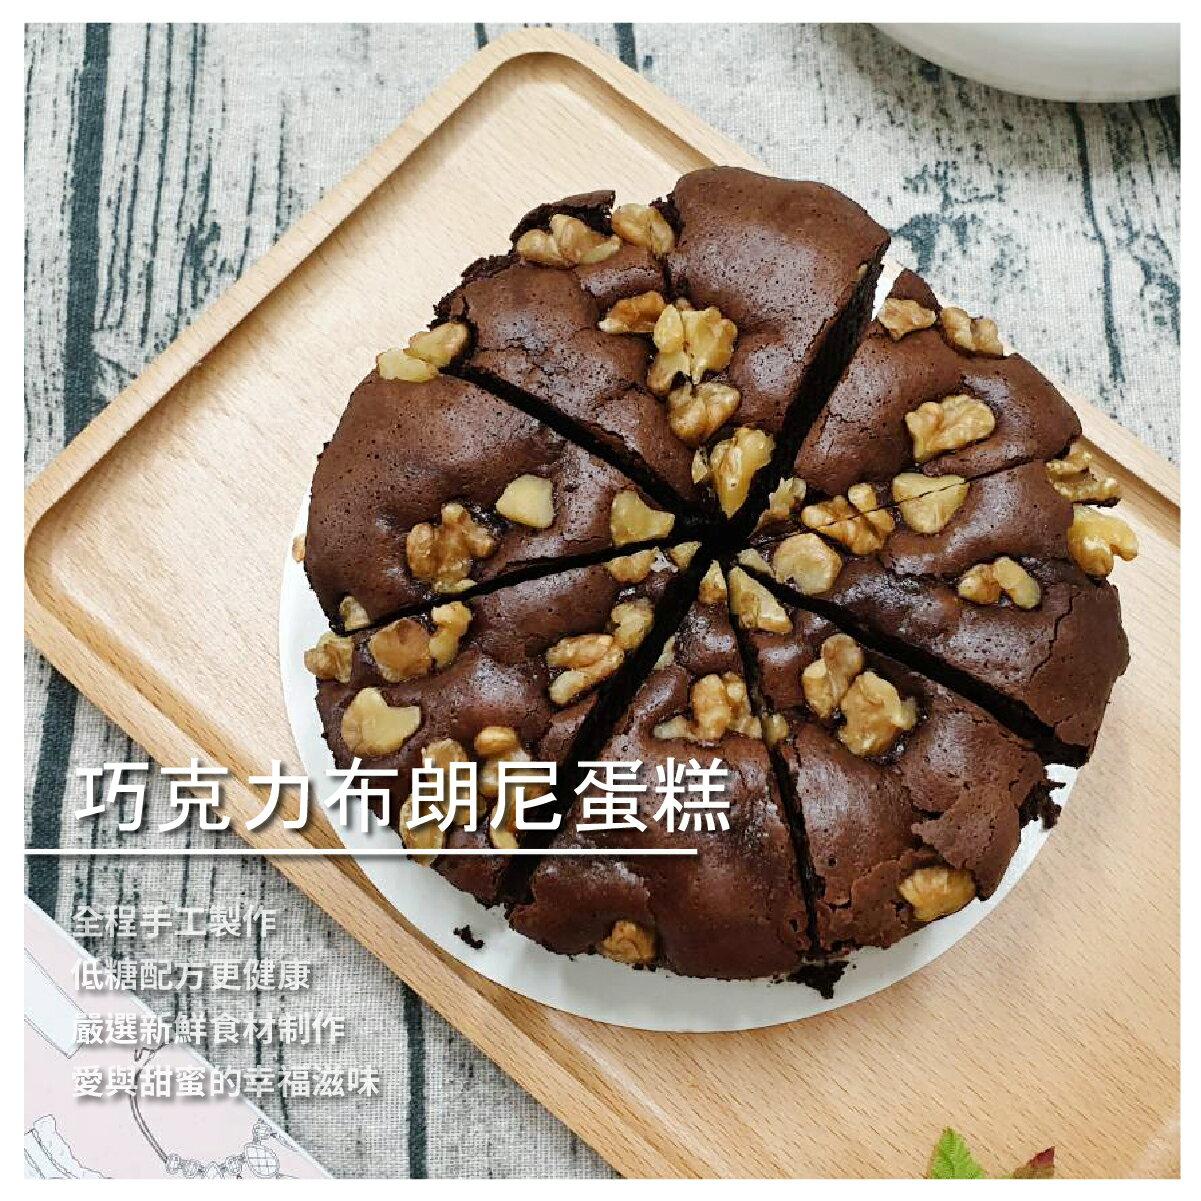 【潼話手作坊】巧克力布朗尼蛋糕/5吋